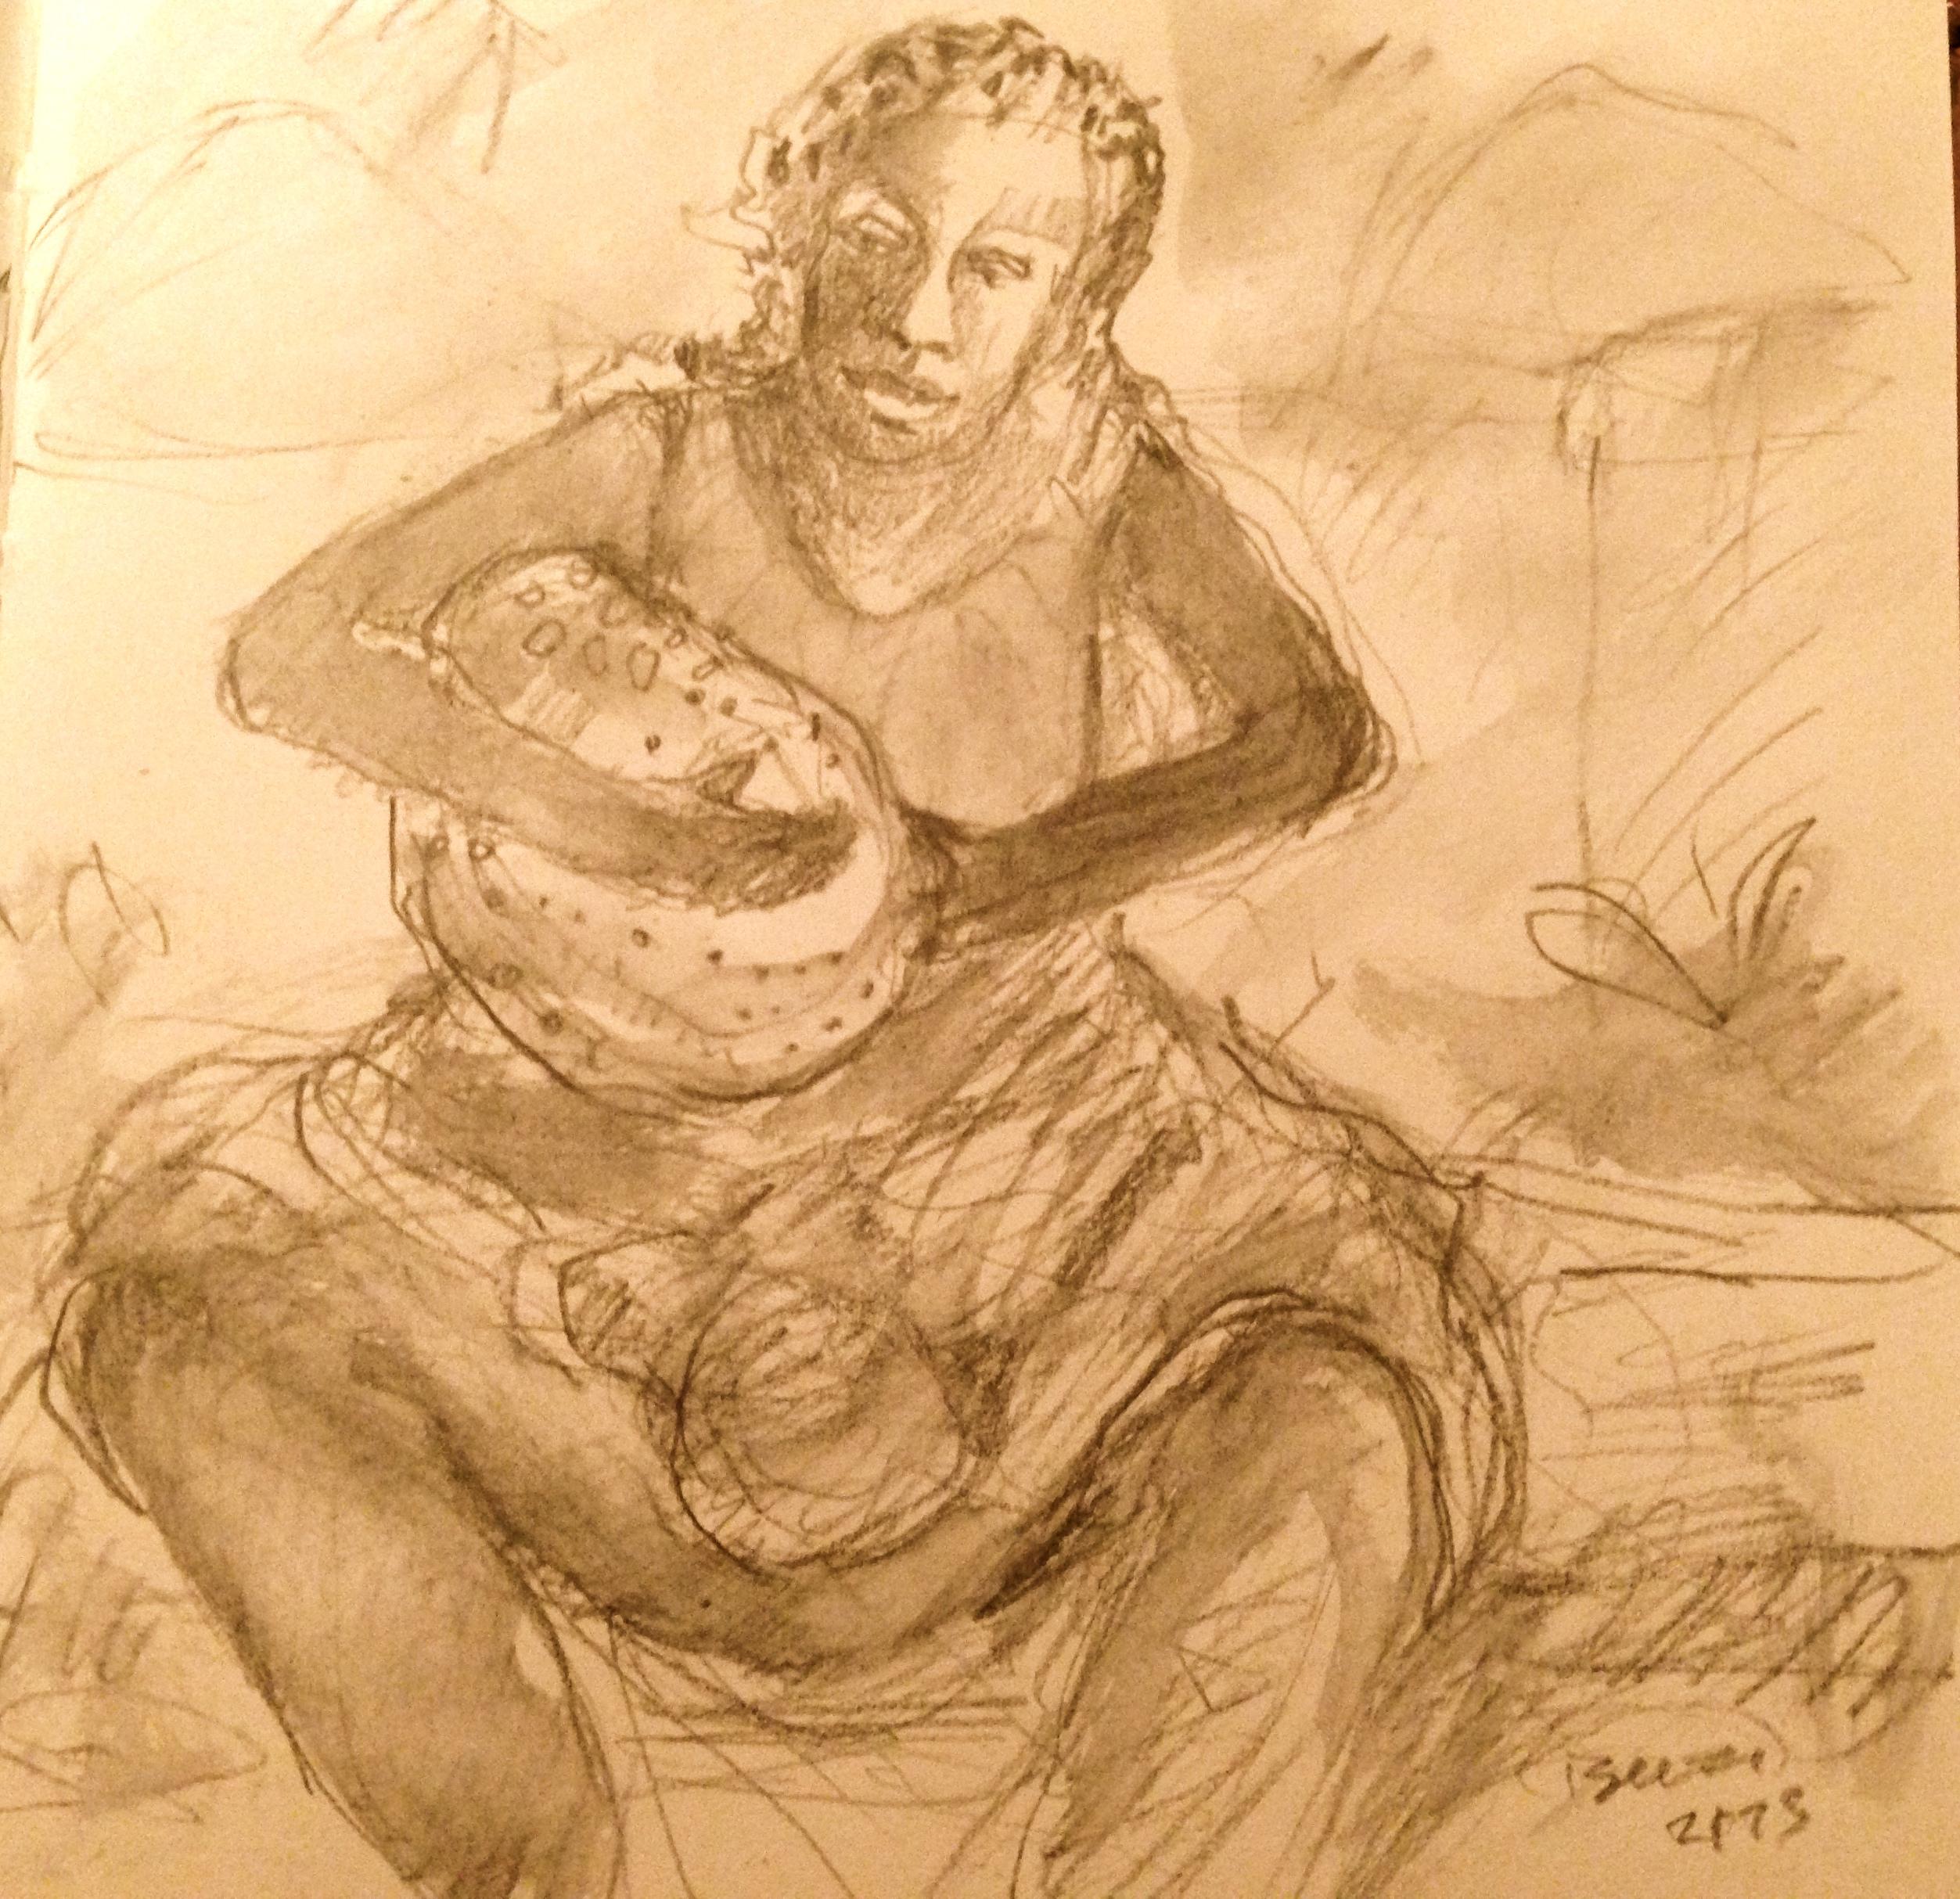 III.IV. Beezi's Treasure by Beverly Naidus